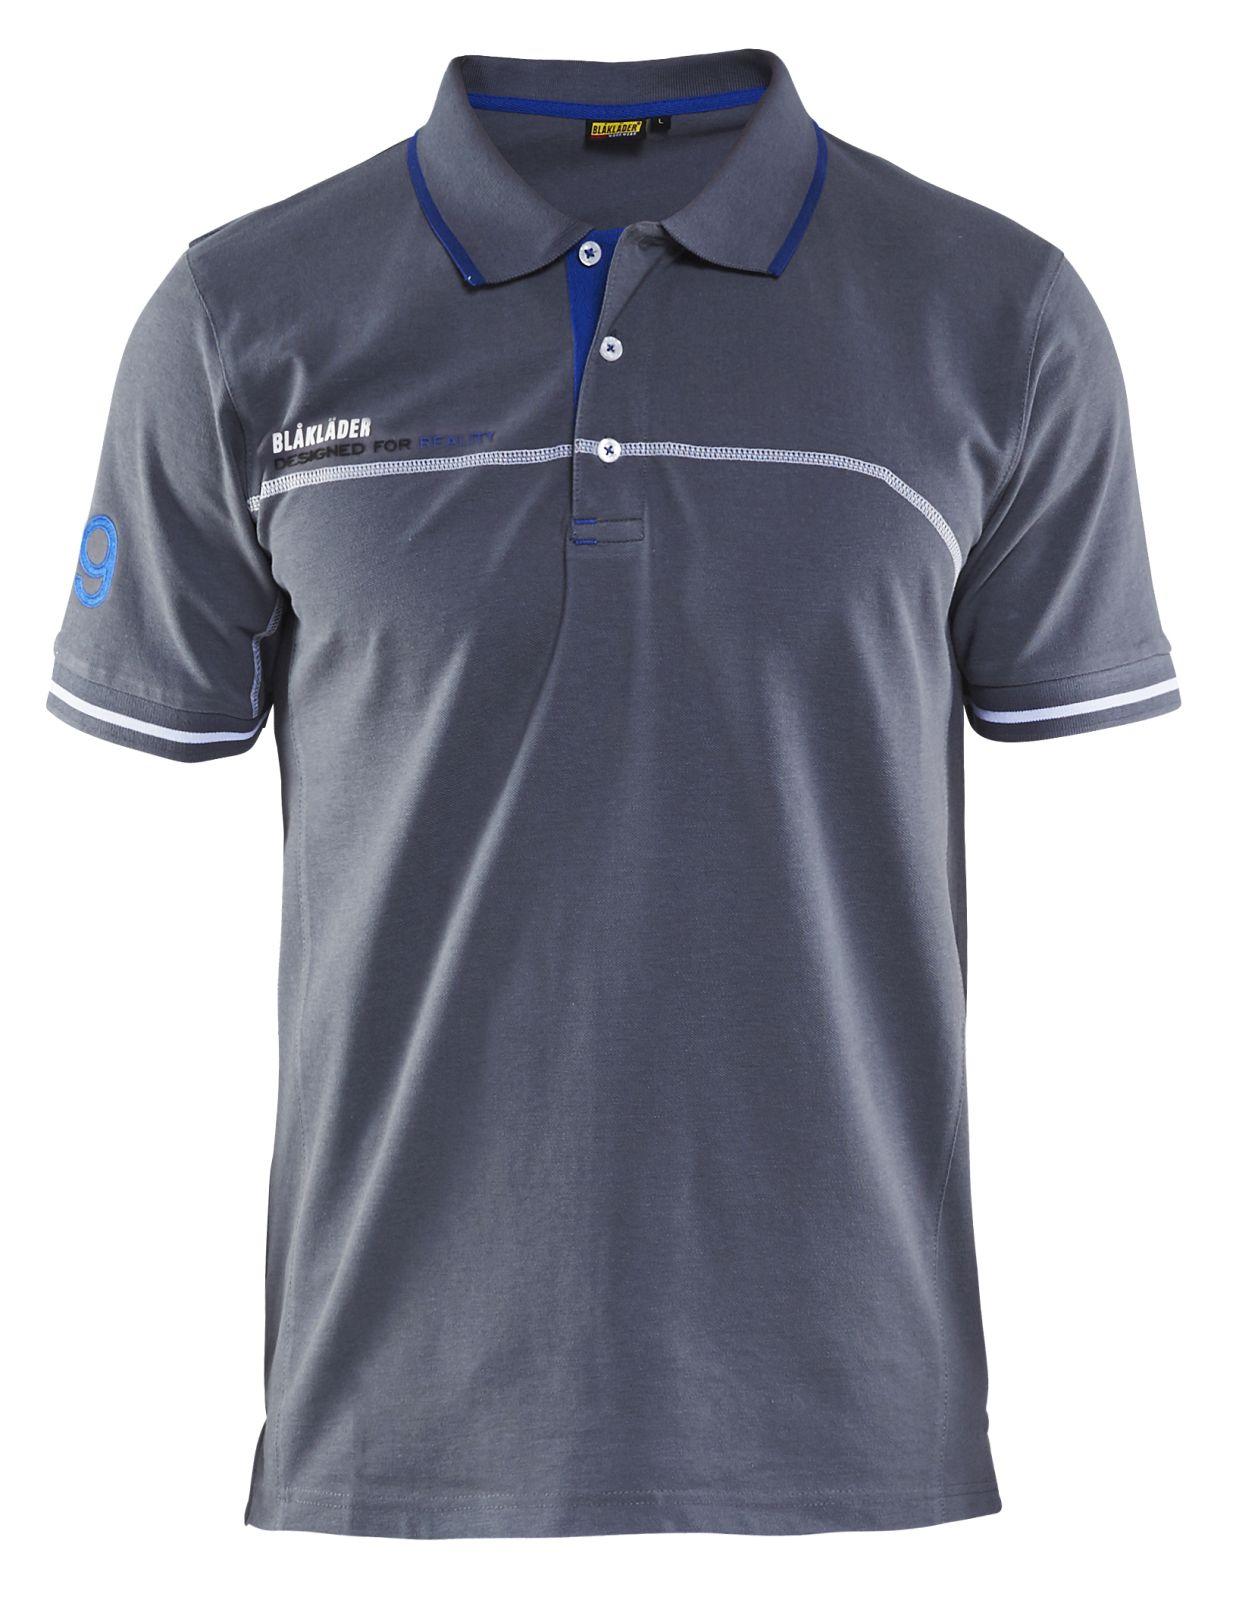 Blaklader Poloshirts 33271050 grijs-korenblauw(9485)